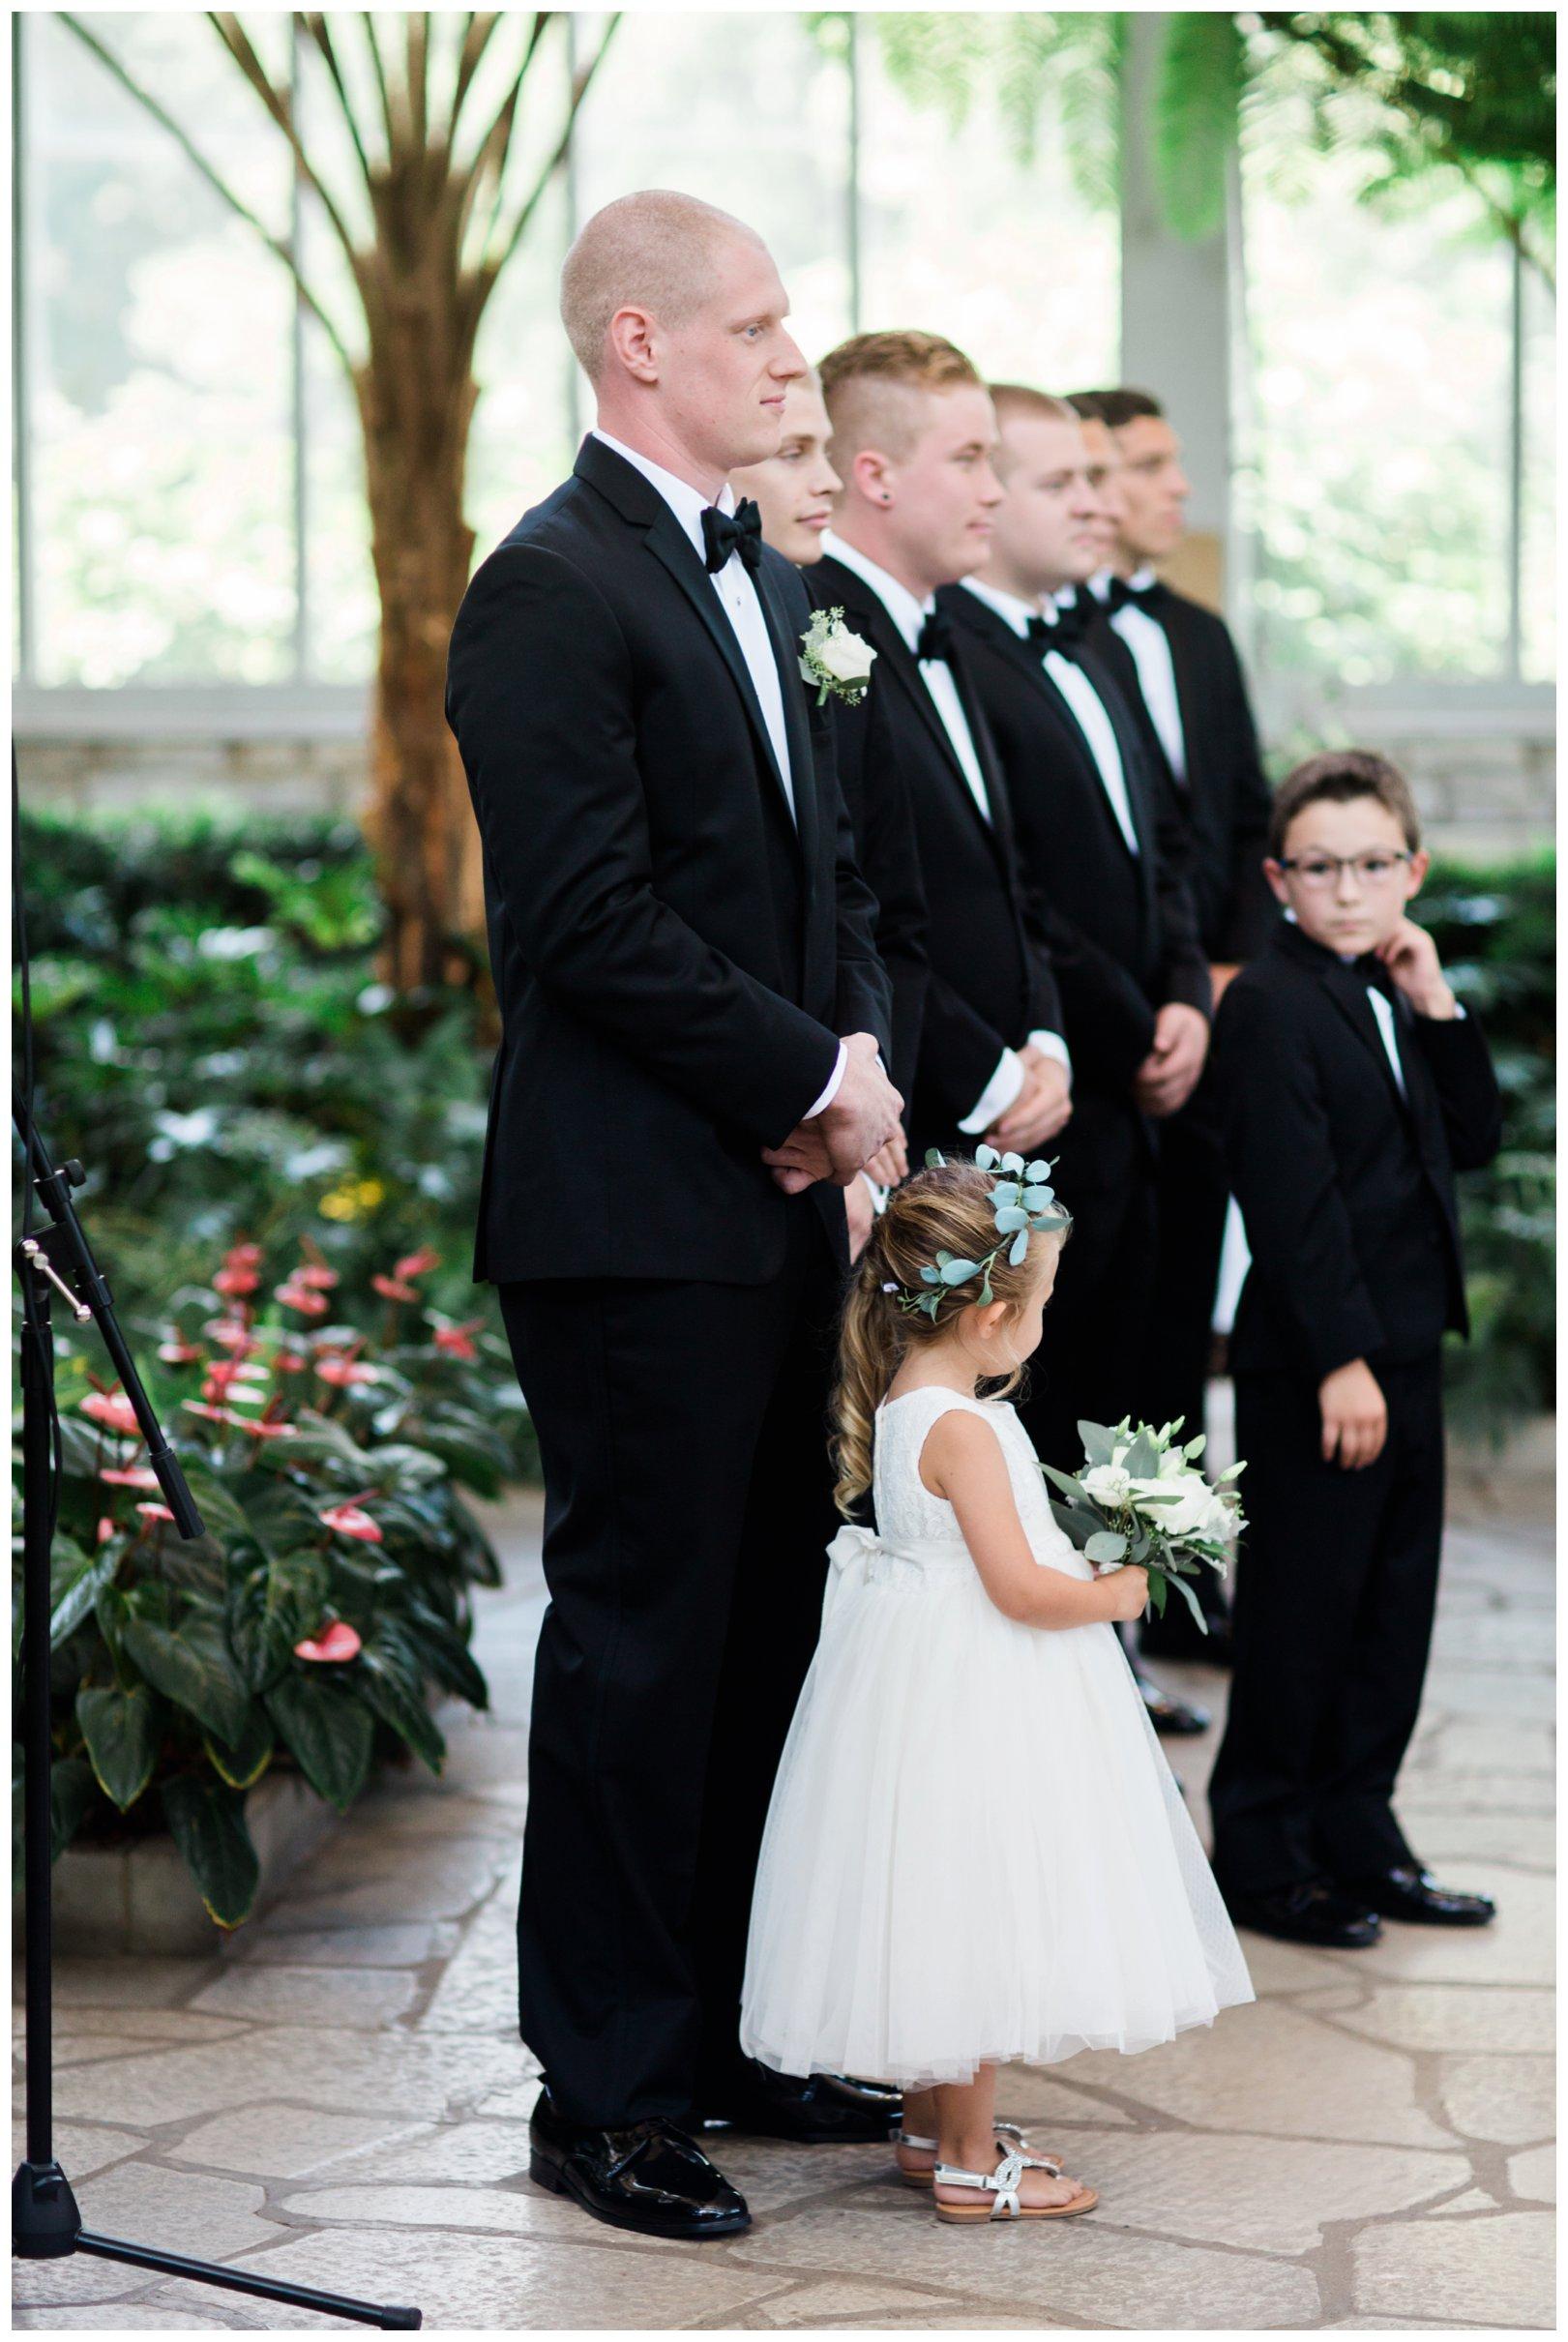 lauren muckler photography_fine art film wedding photography_st louis_photography_1299.jpg